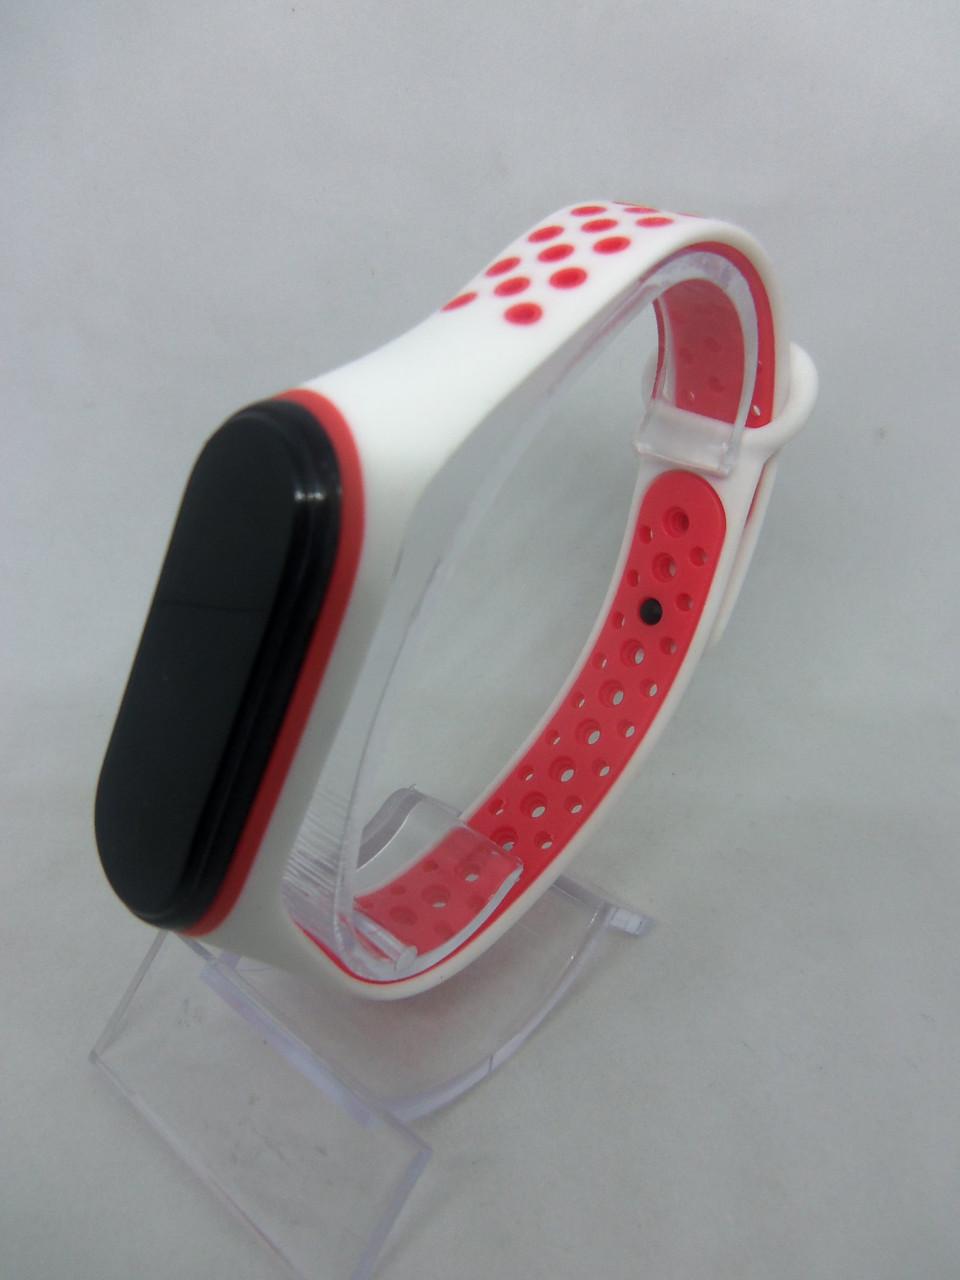 Ремешок перфорированный  Sport браслет  Mi Band 3/4 MiBand 3/4 ми бенд 3/4 бело-красный